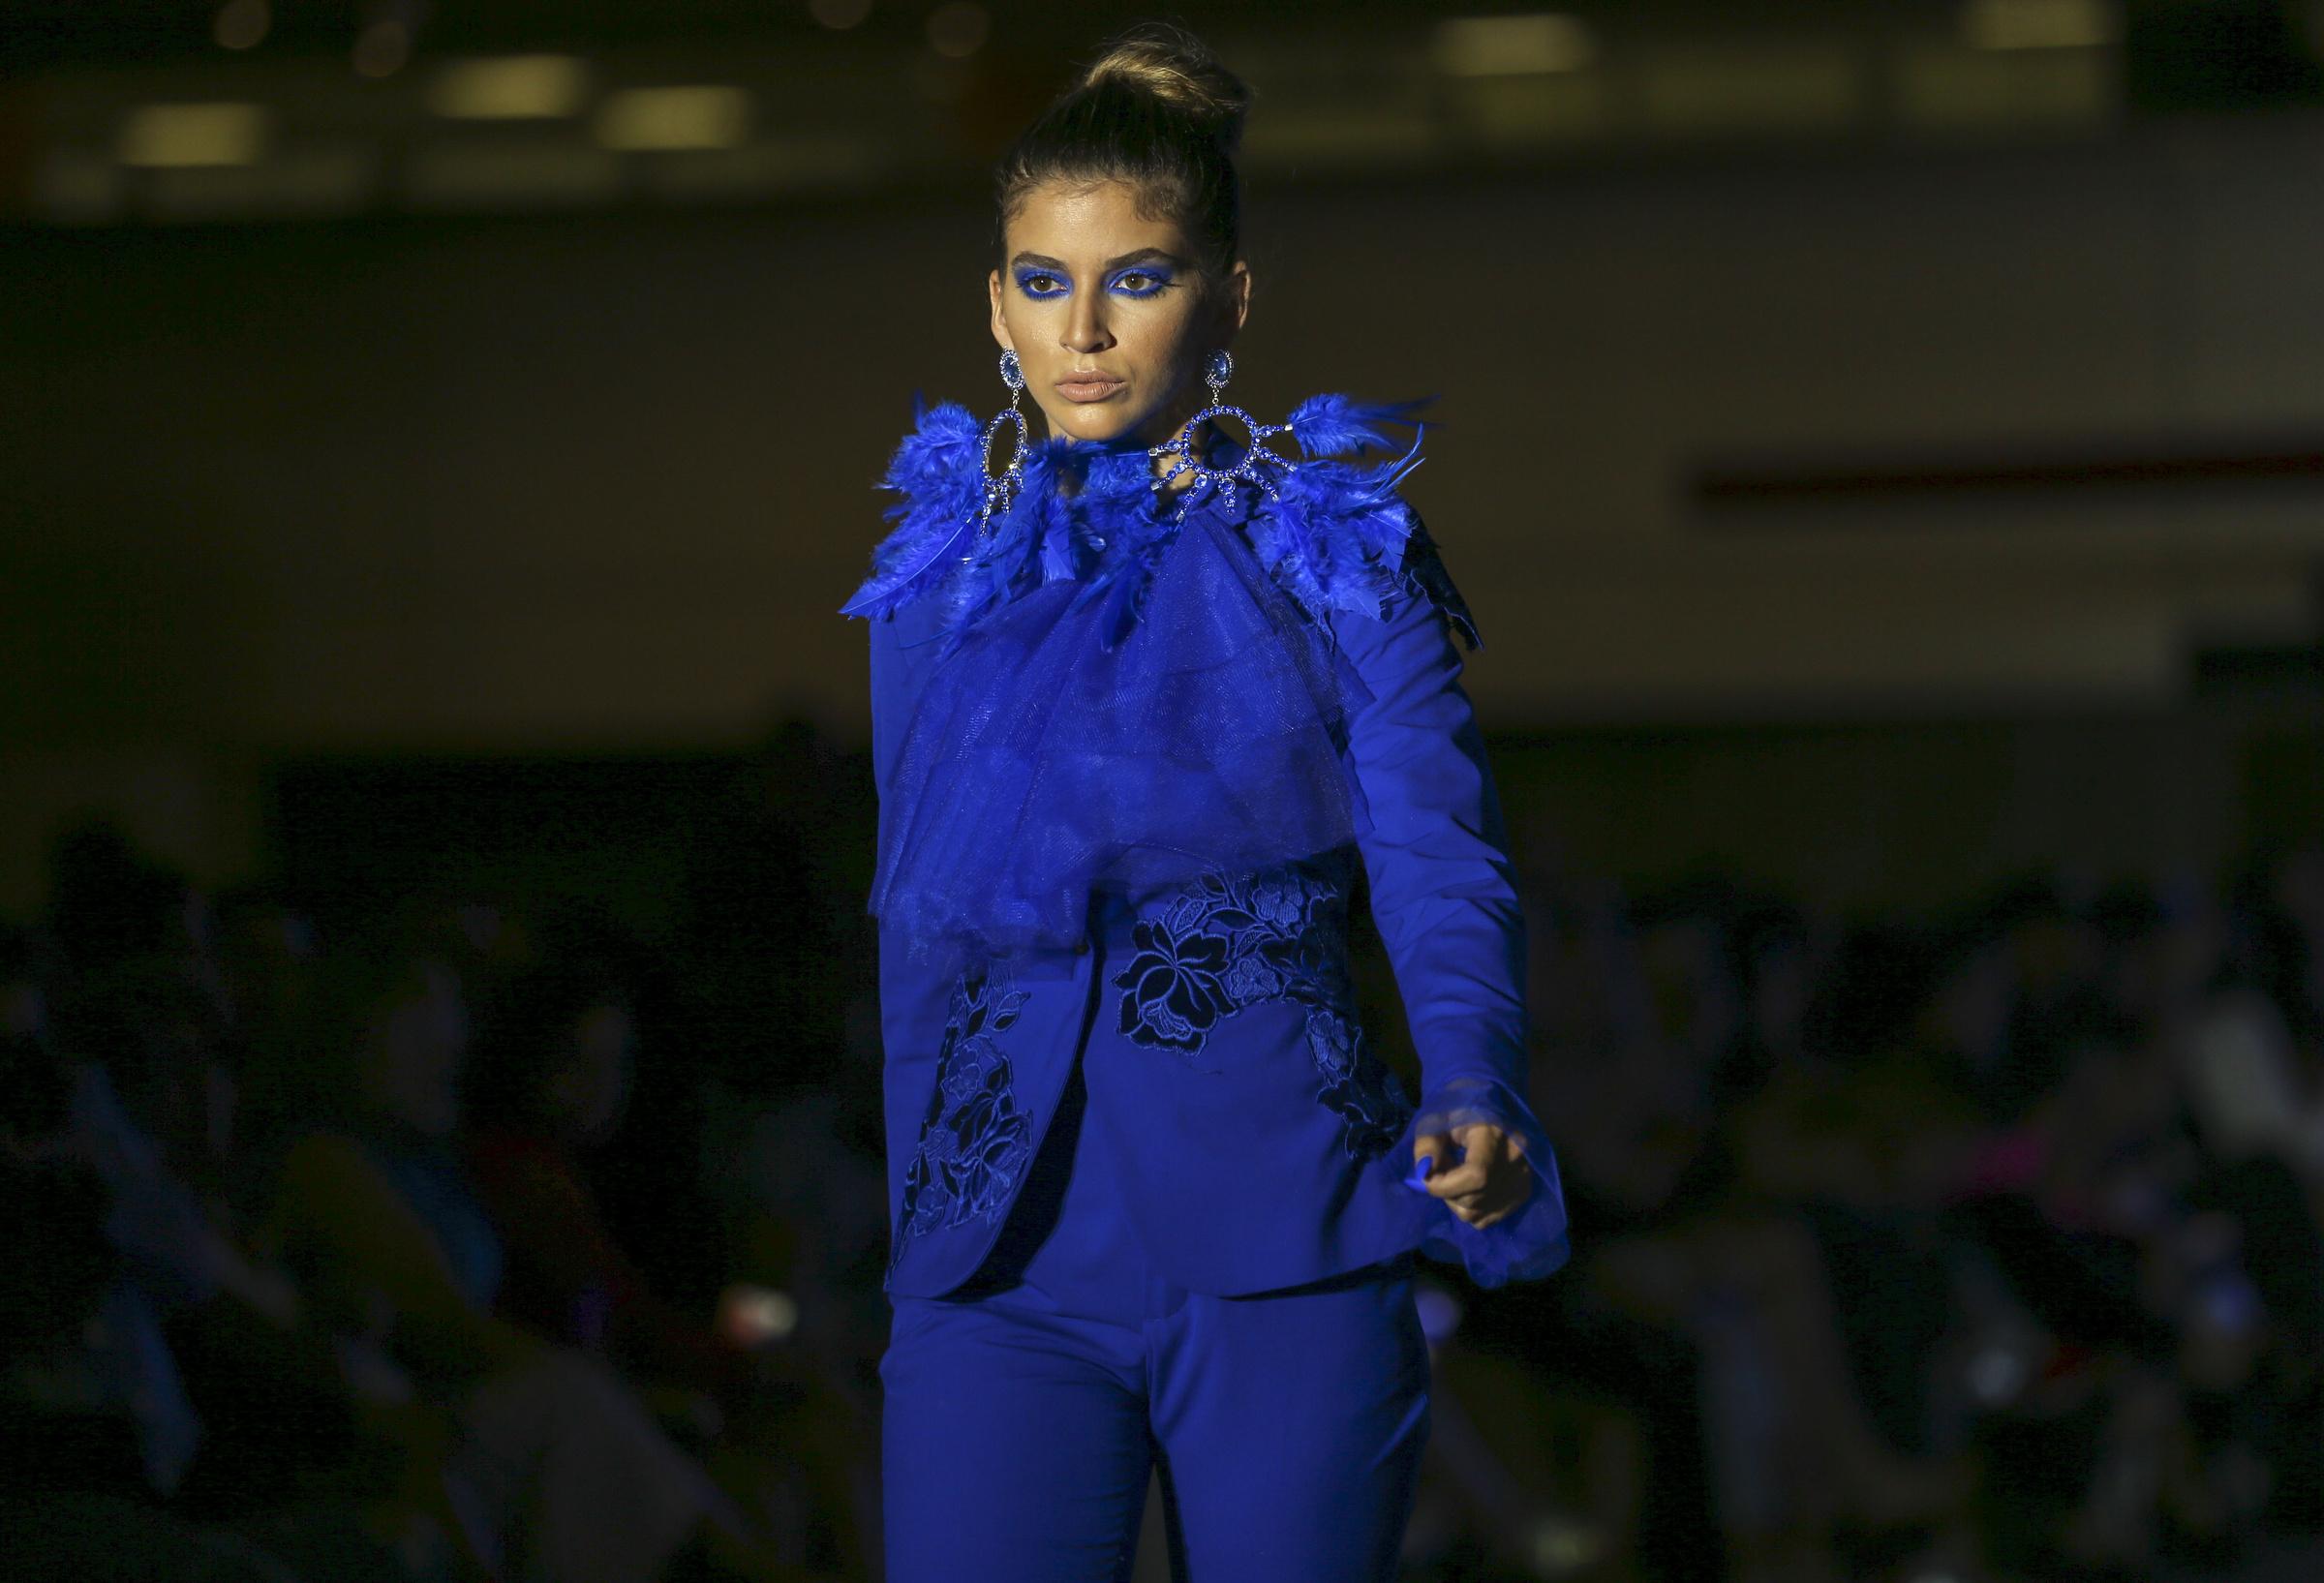 Los accesorios grandes y llamativos confeccionados por Harold Cabrera Ruiz se complementaron con las prendas de vestir propuestas por Luis Antonio. (David Villafañe)